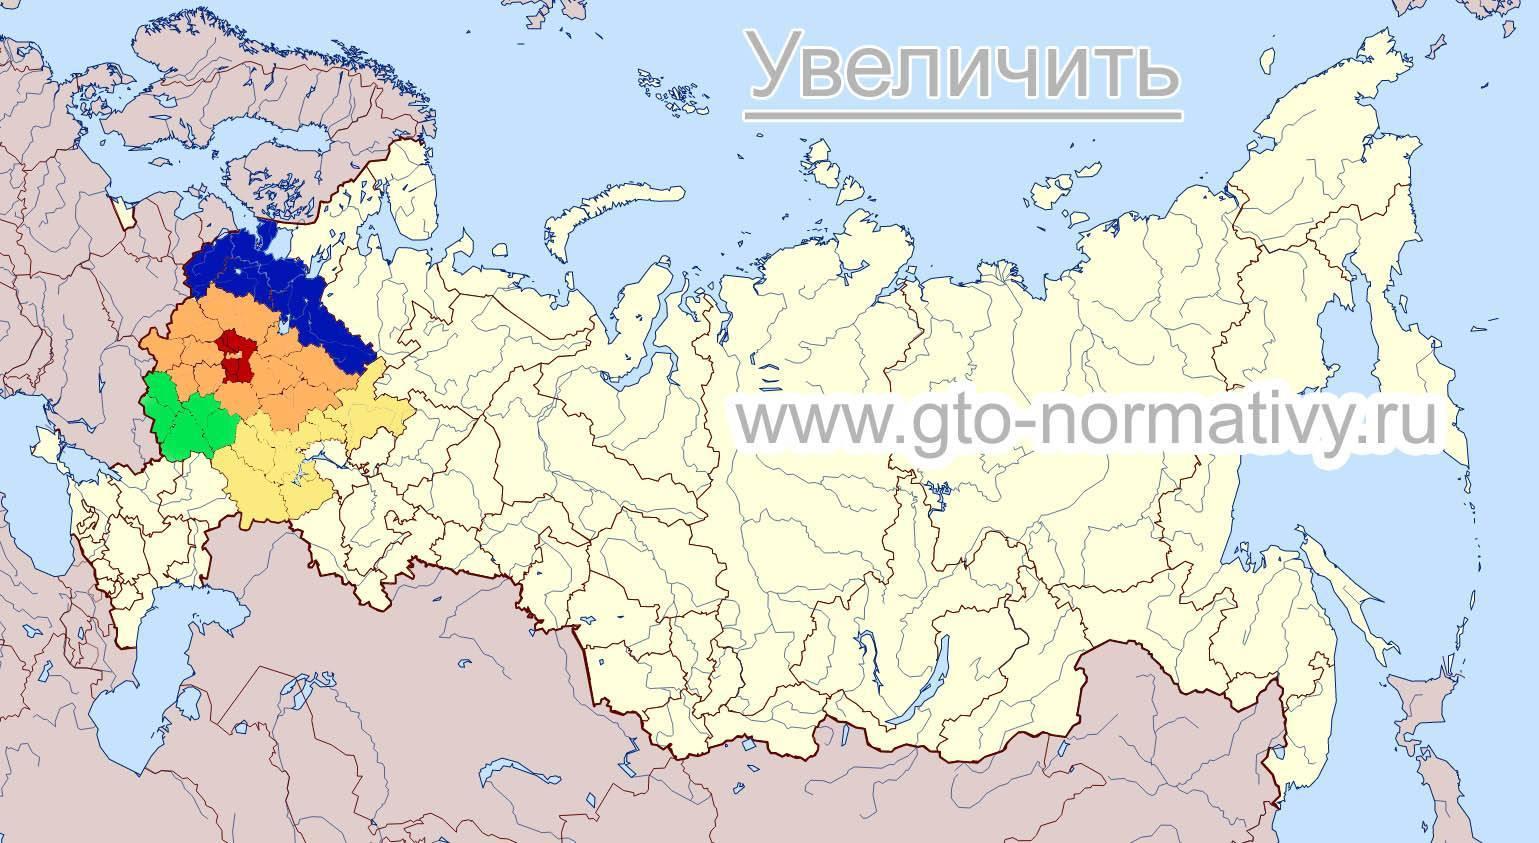 Области средней полосы россии